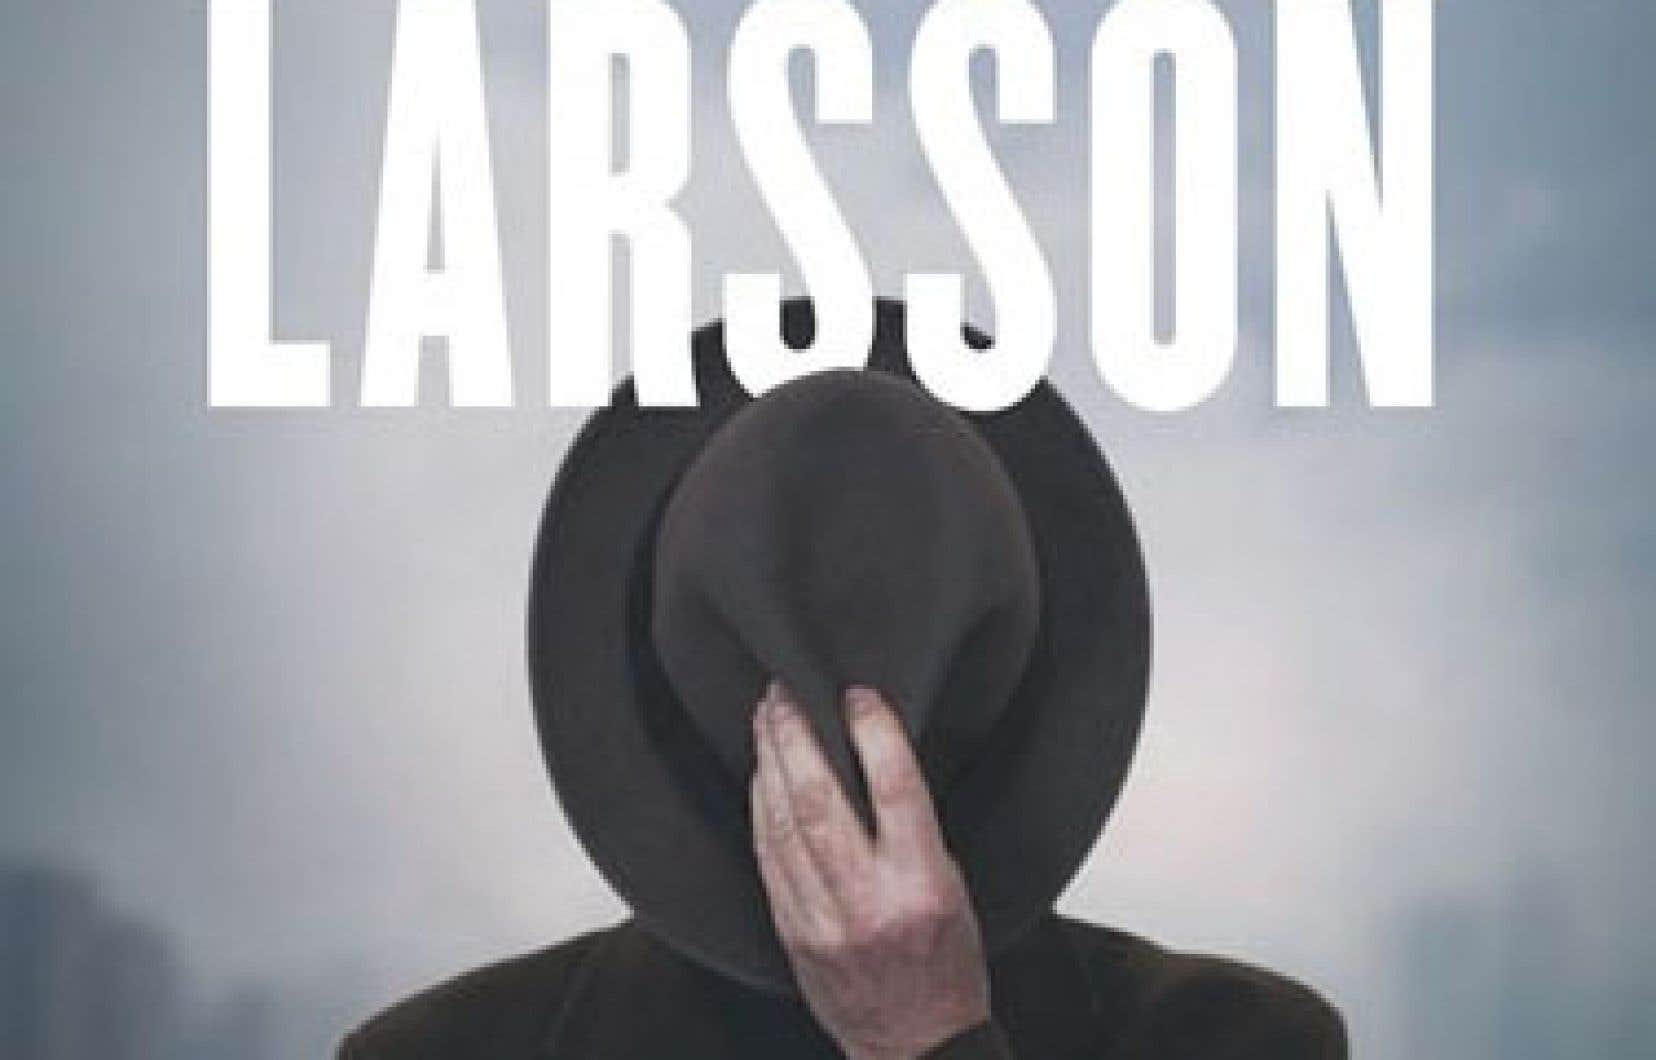 En marchant dans les pas de Larsson, Stocklassa dresse ainsi le portrait du regretté journaliste, bourreau de travail abonné aux vices du métier.